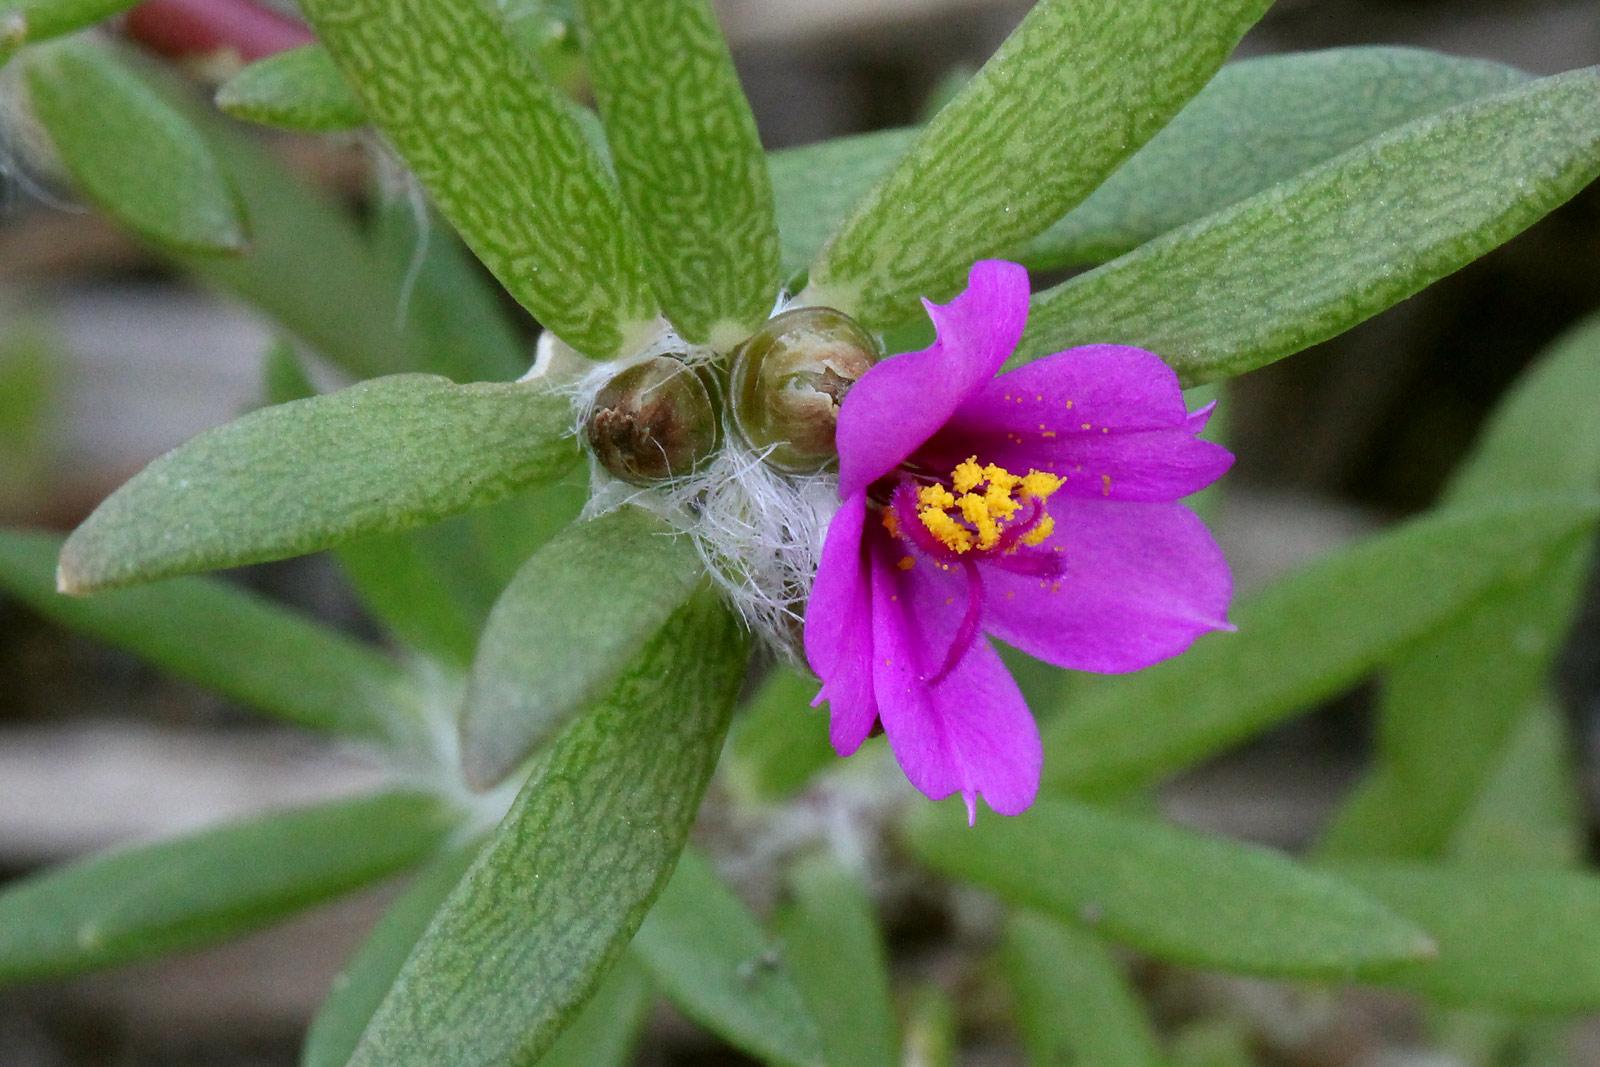 ヒメマツバボタン(姫松葉牡丹) 雄しべは黄色く沢山付き、雌しべはピンク。 葉のようす   / お